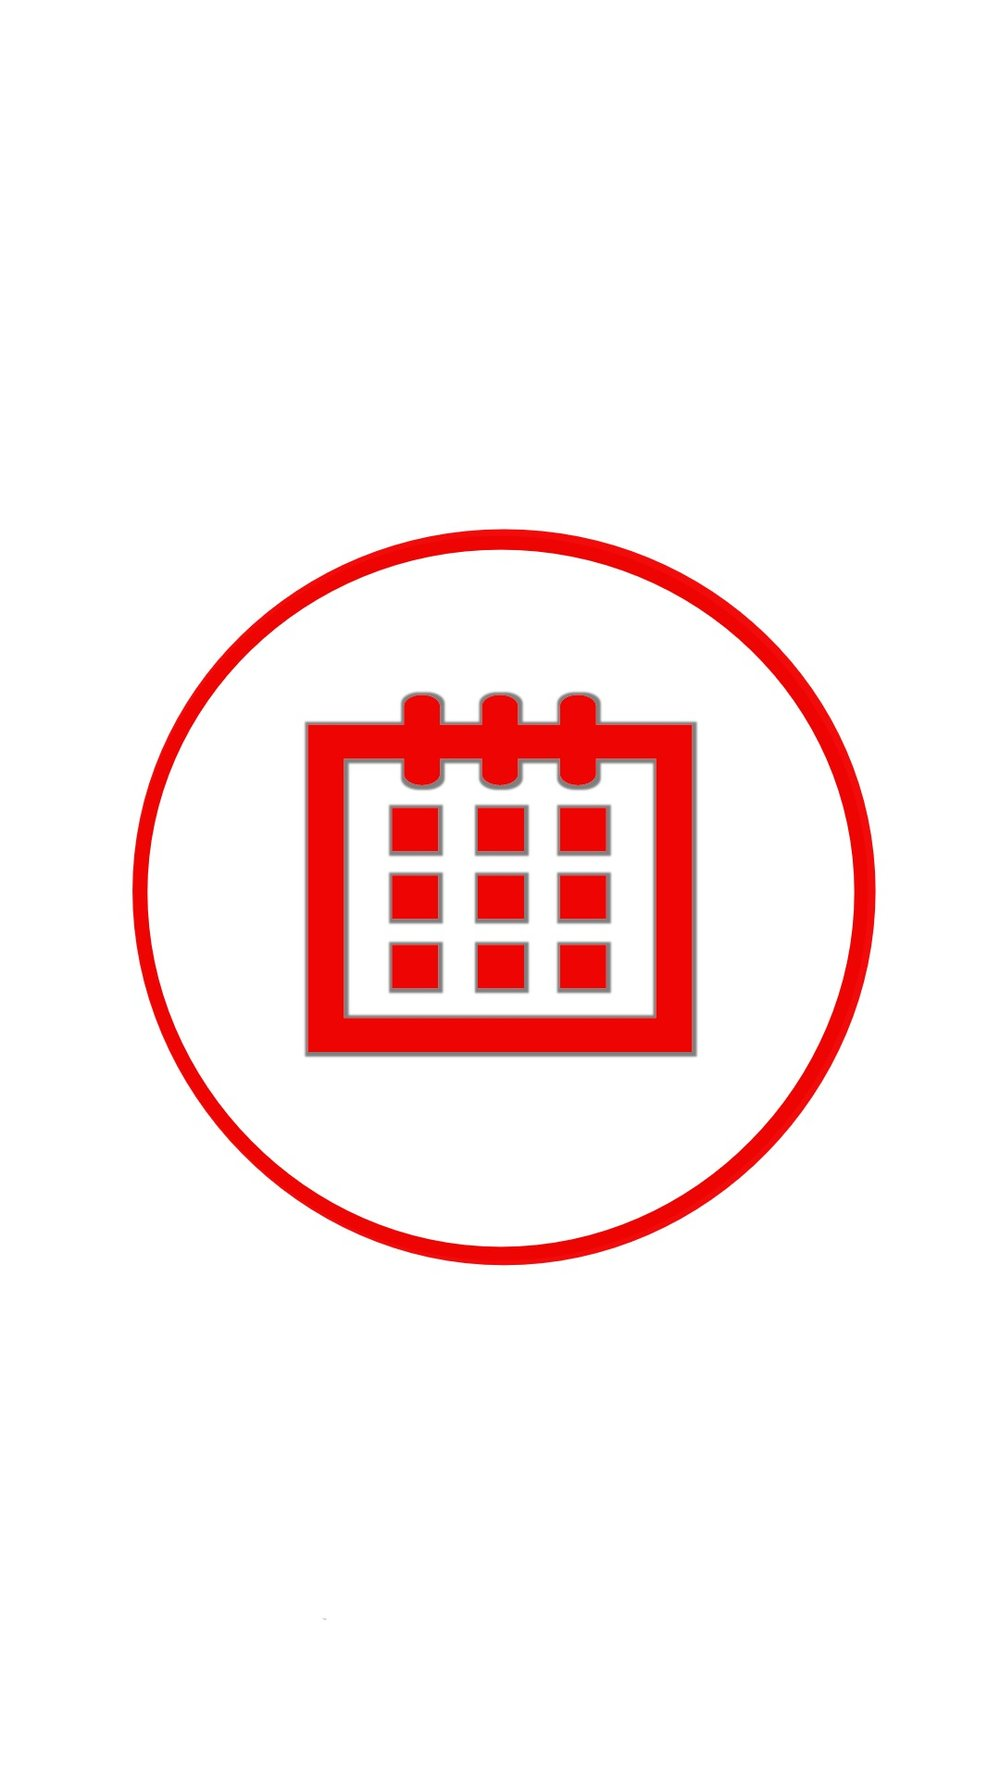 Instagram-cover-calendar-red-white-lotnotes.com.jpg